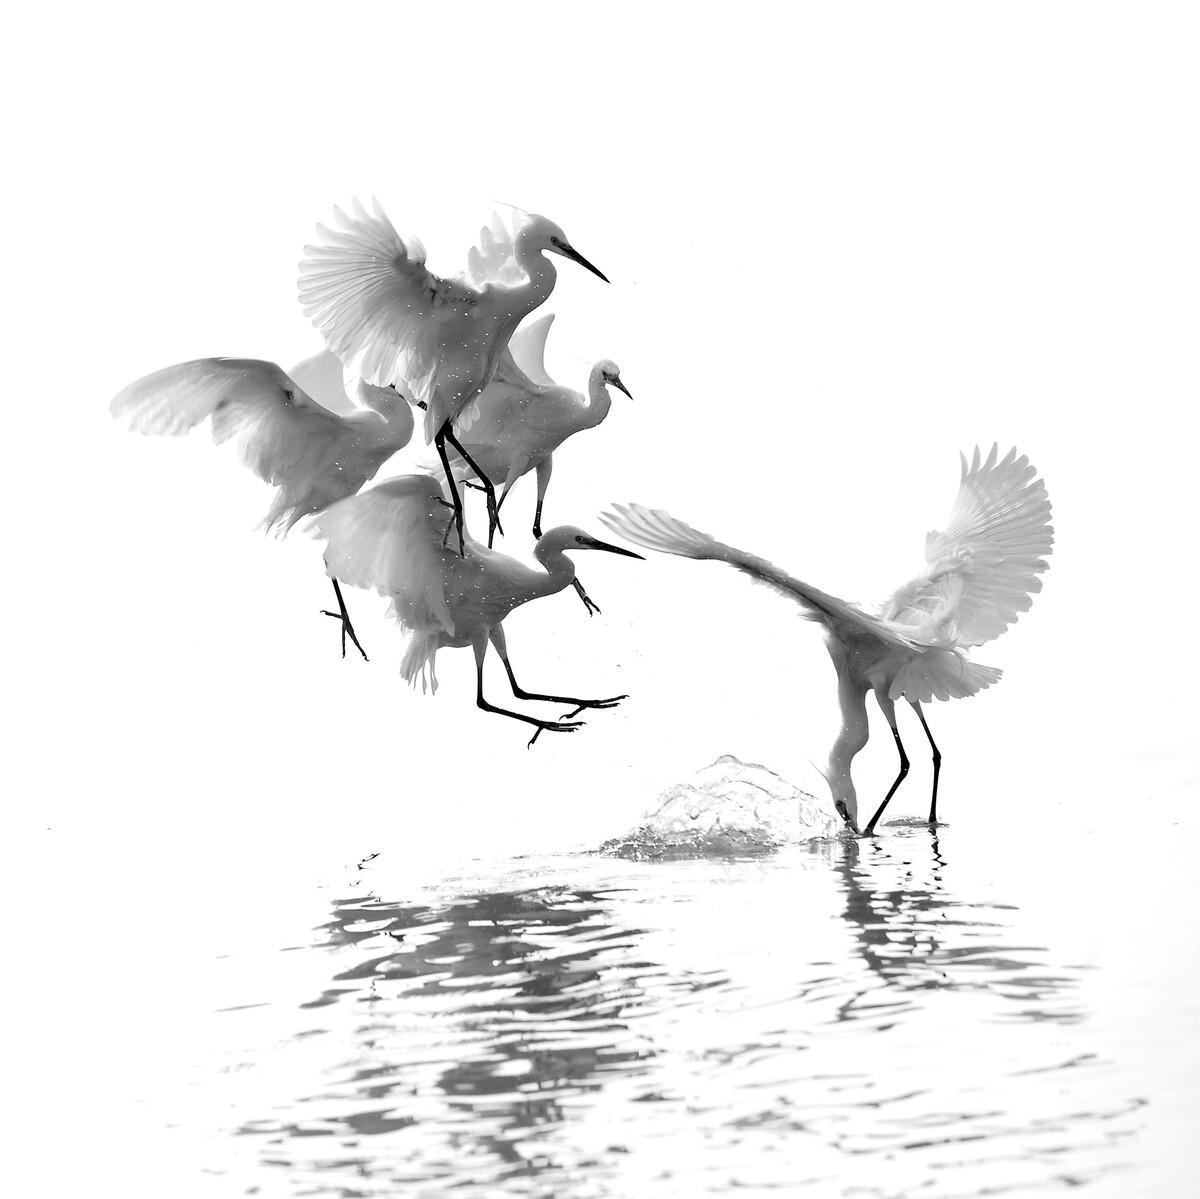 人为财死,鸟为食......